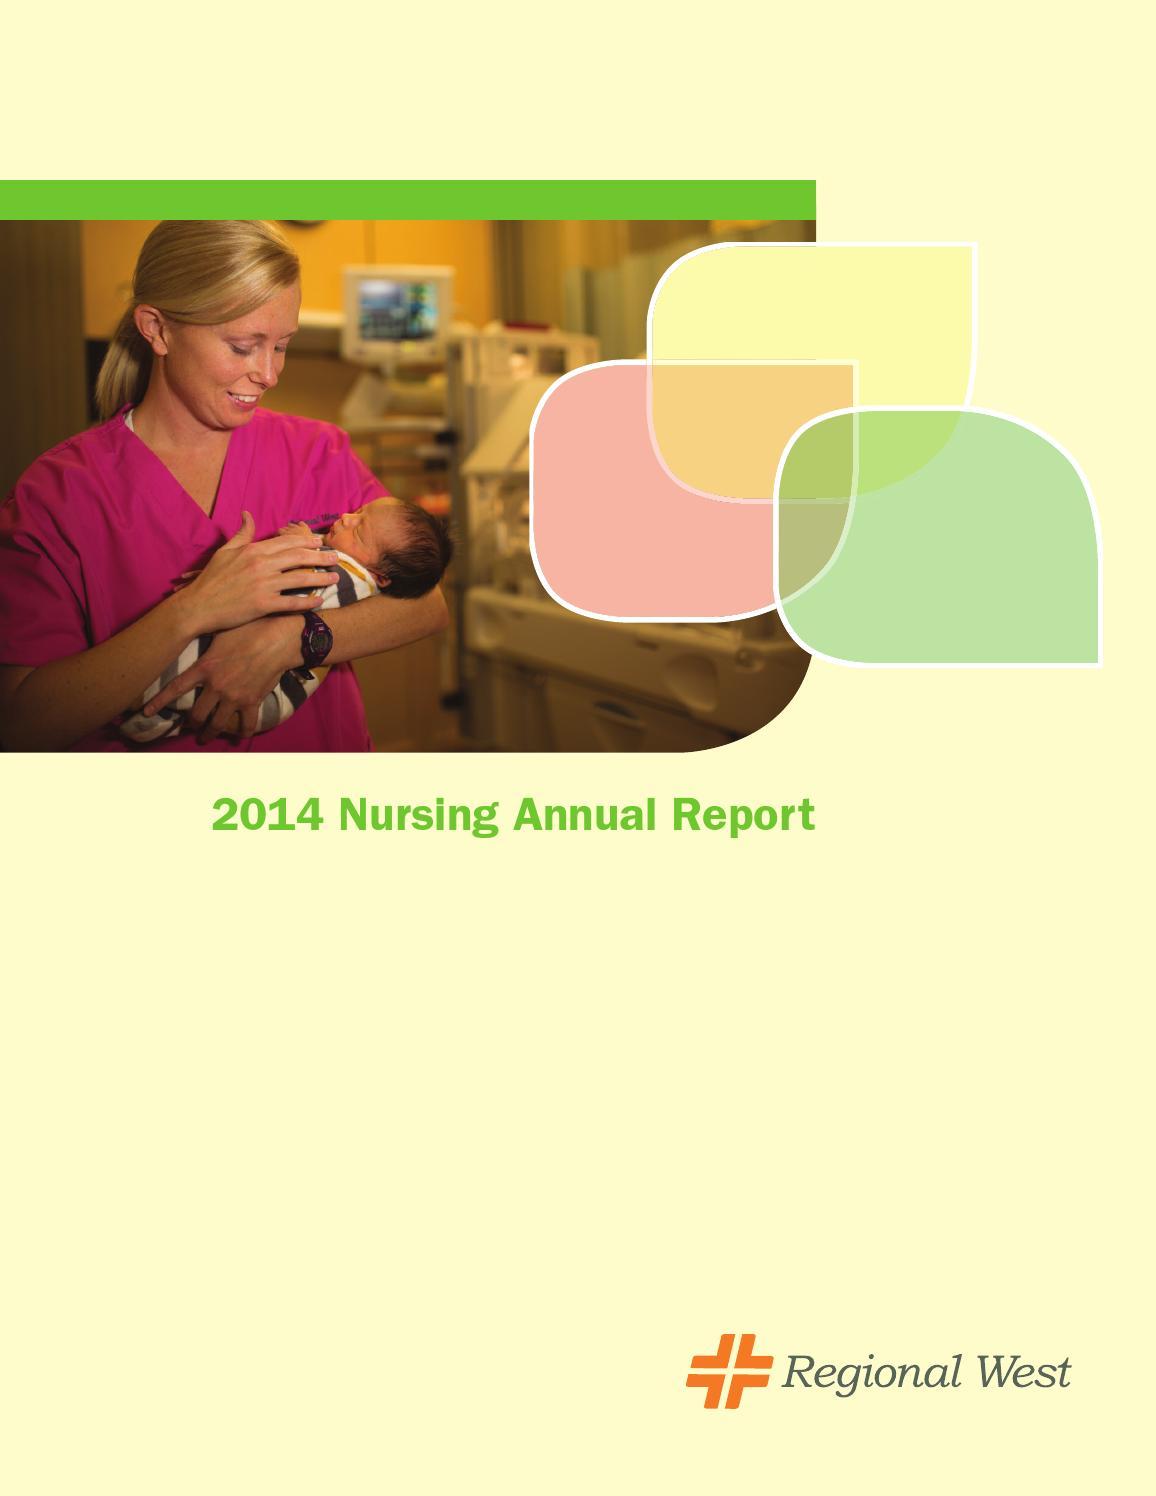 Nursing Annual Report 2014